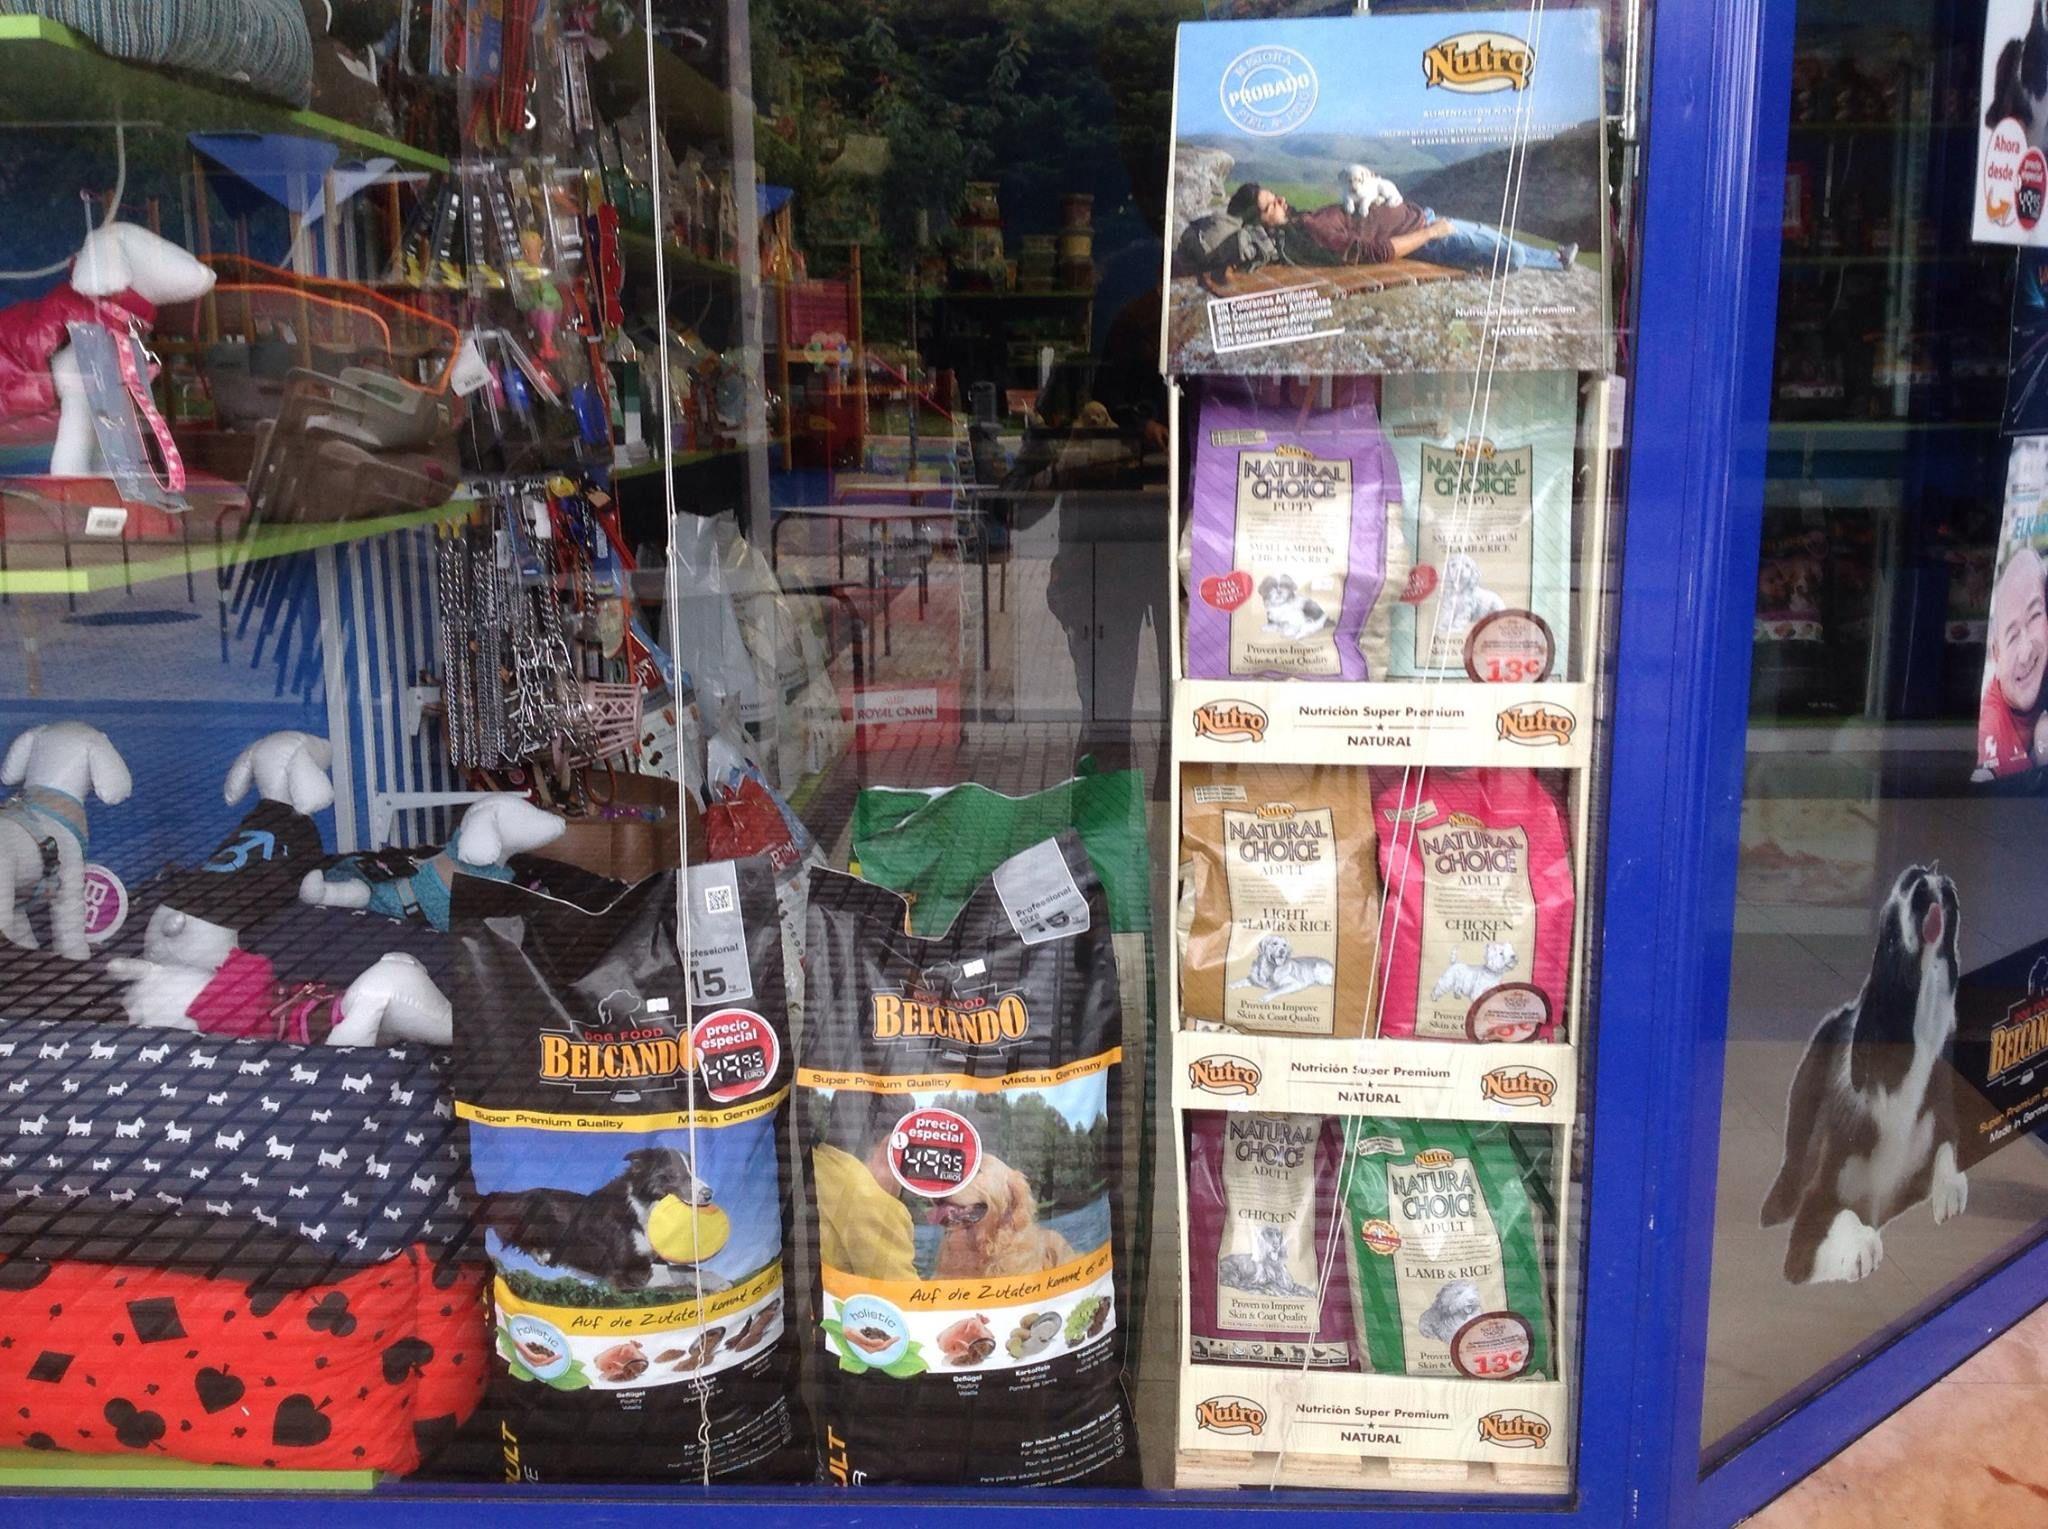 Tienda de animales en Donostia